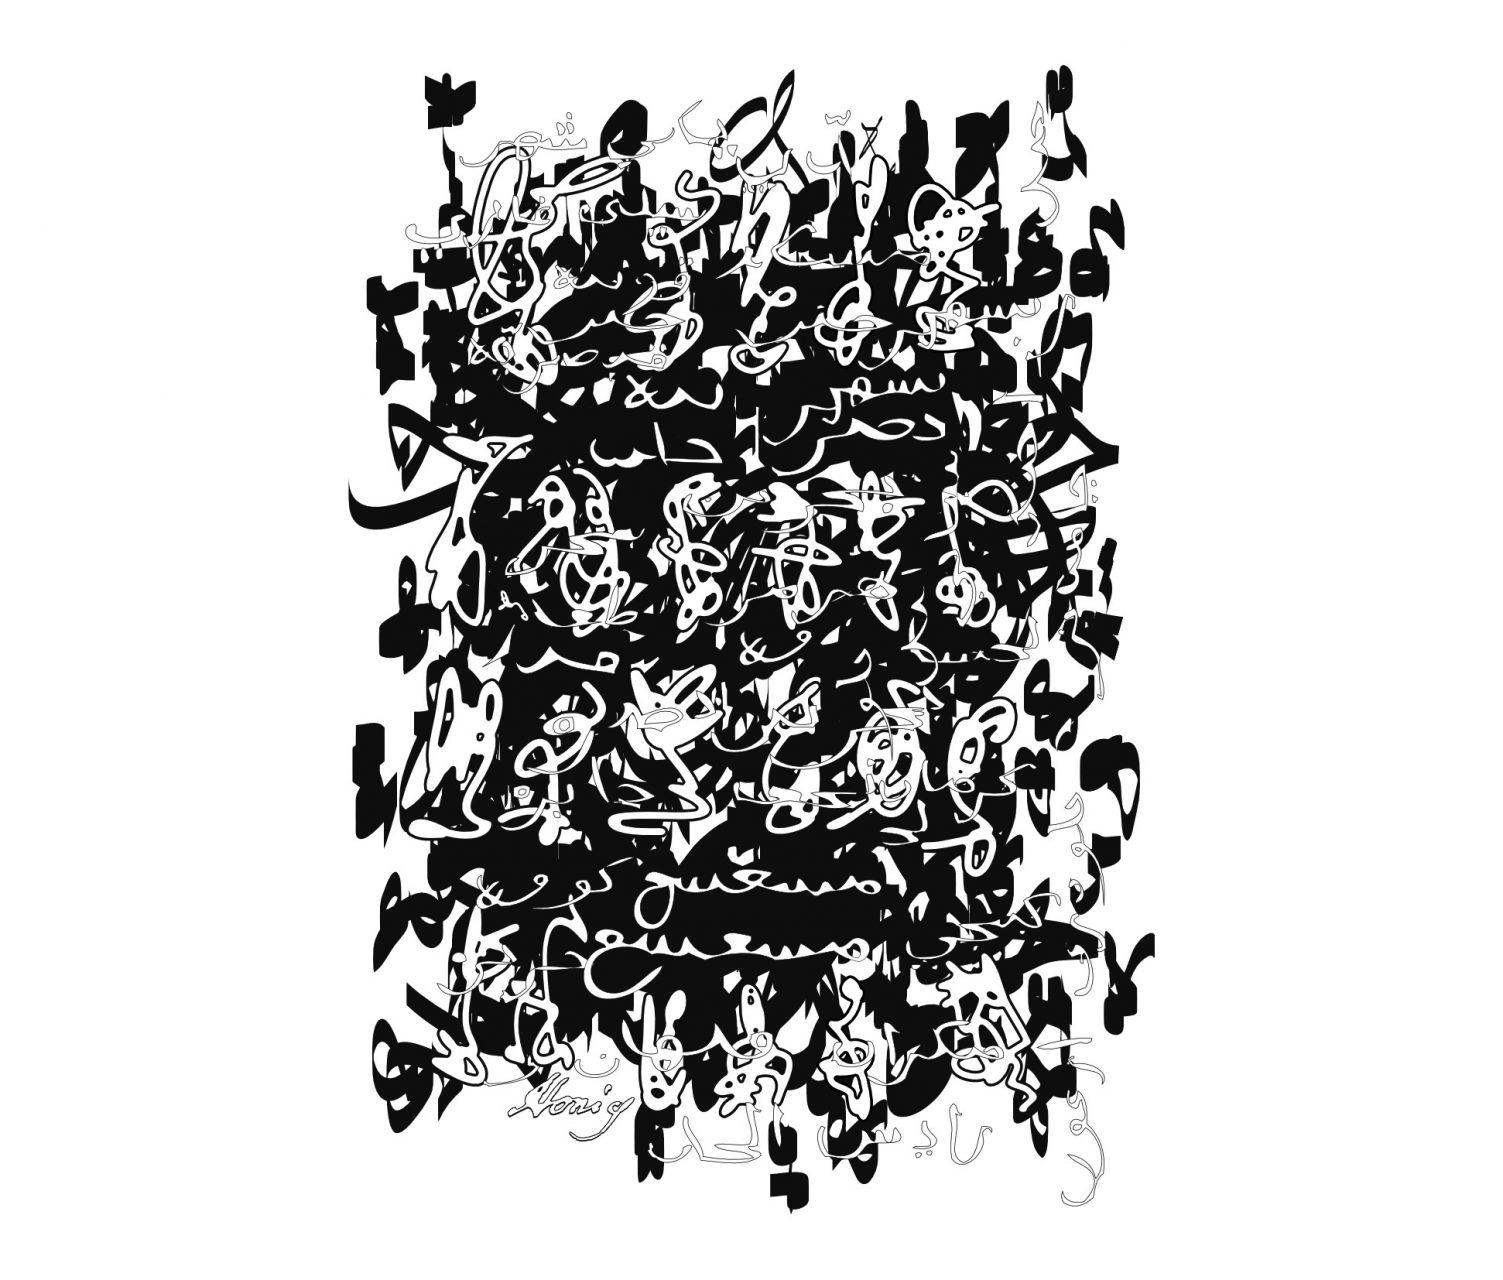 Palimpsest 020, Vektordatei, 2019 (Motiv im Ausstellungsfolder, nicht Teil der Hängung)